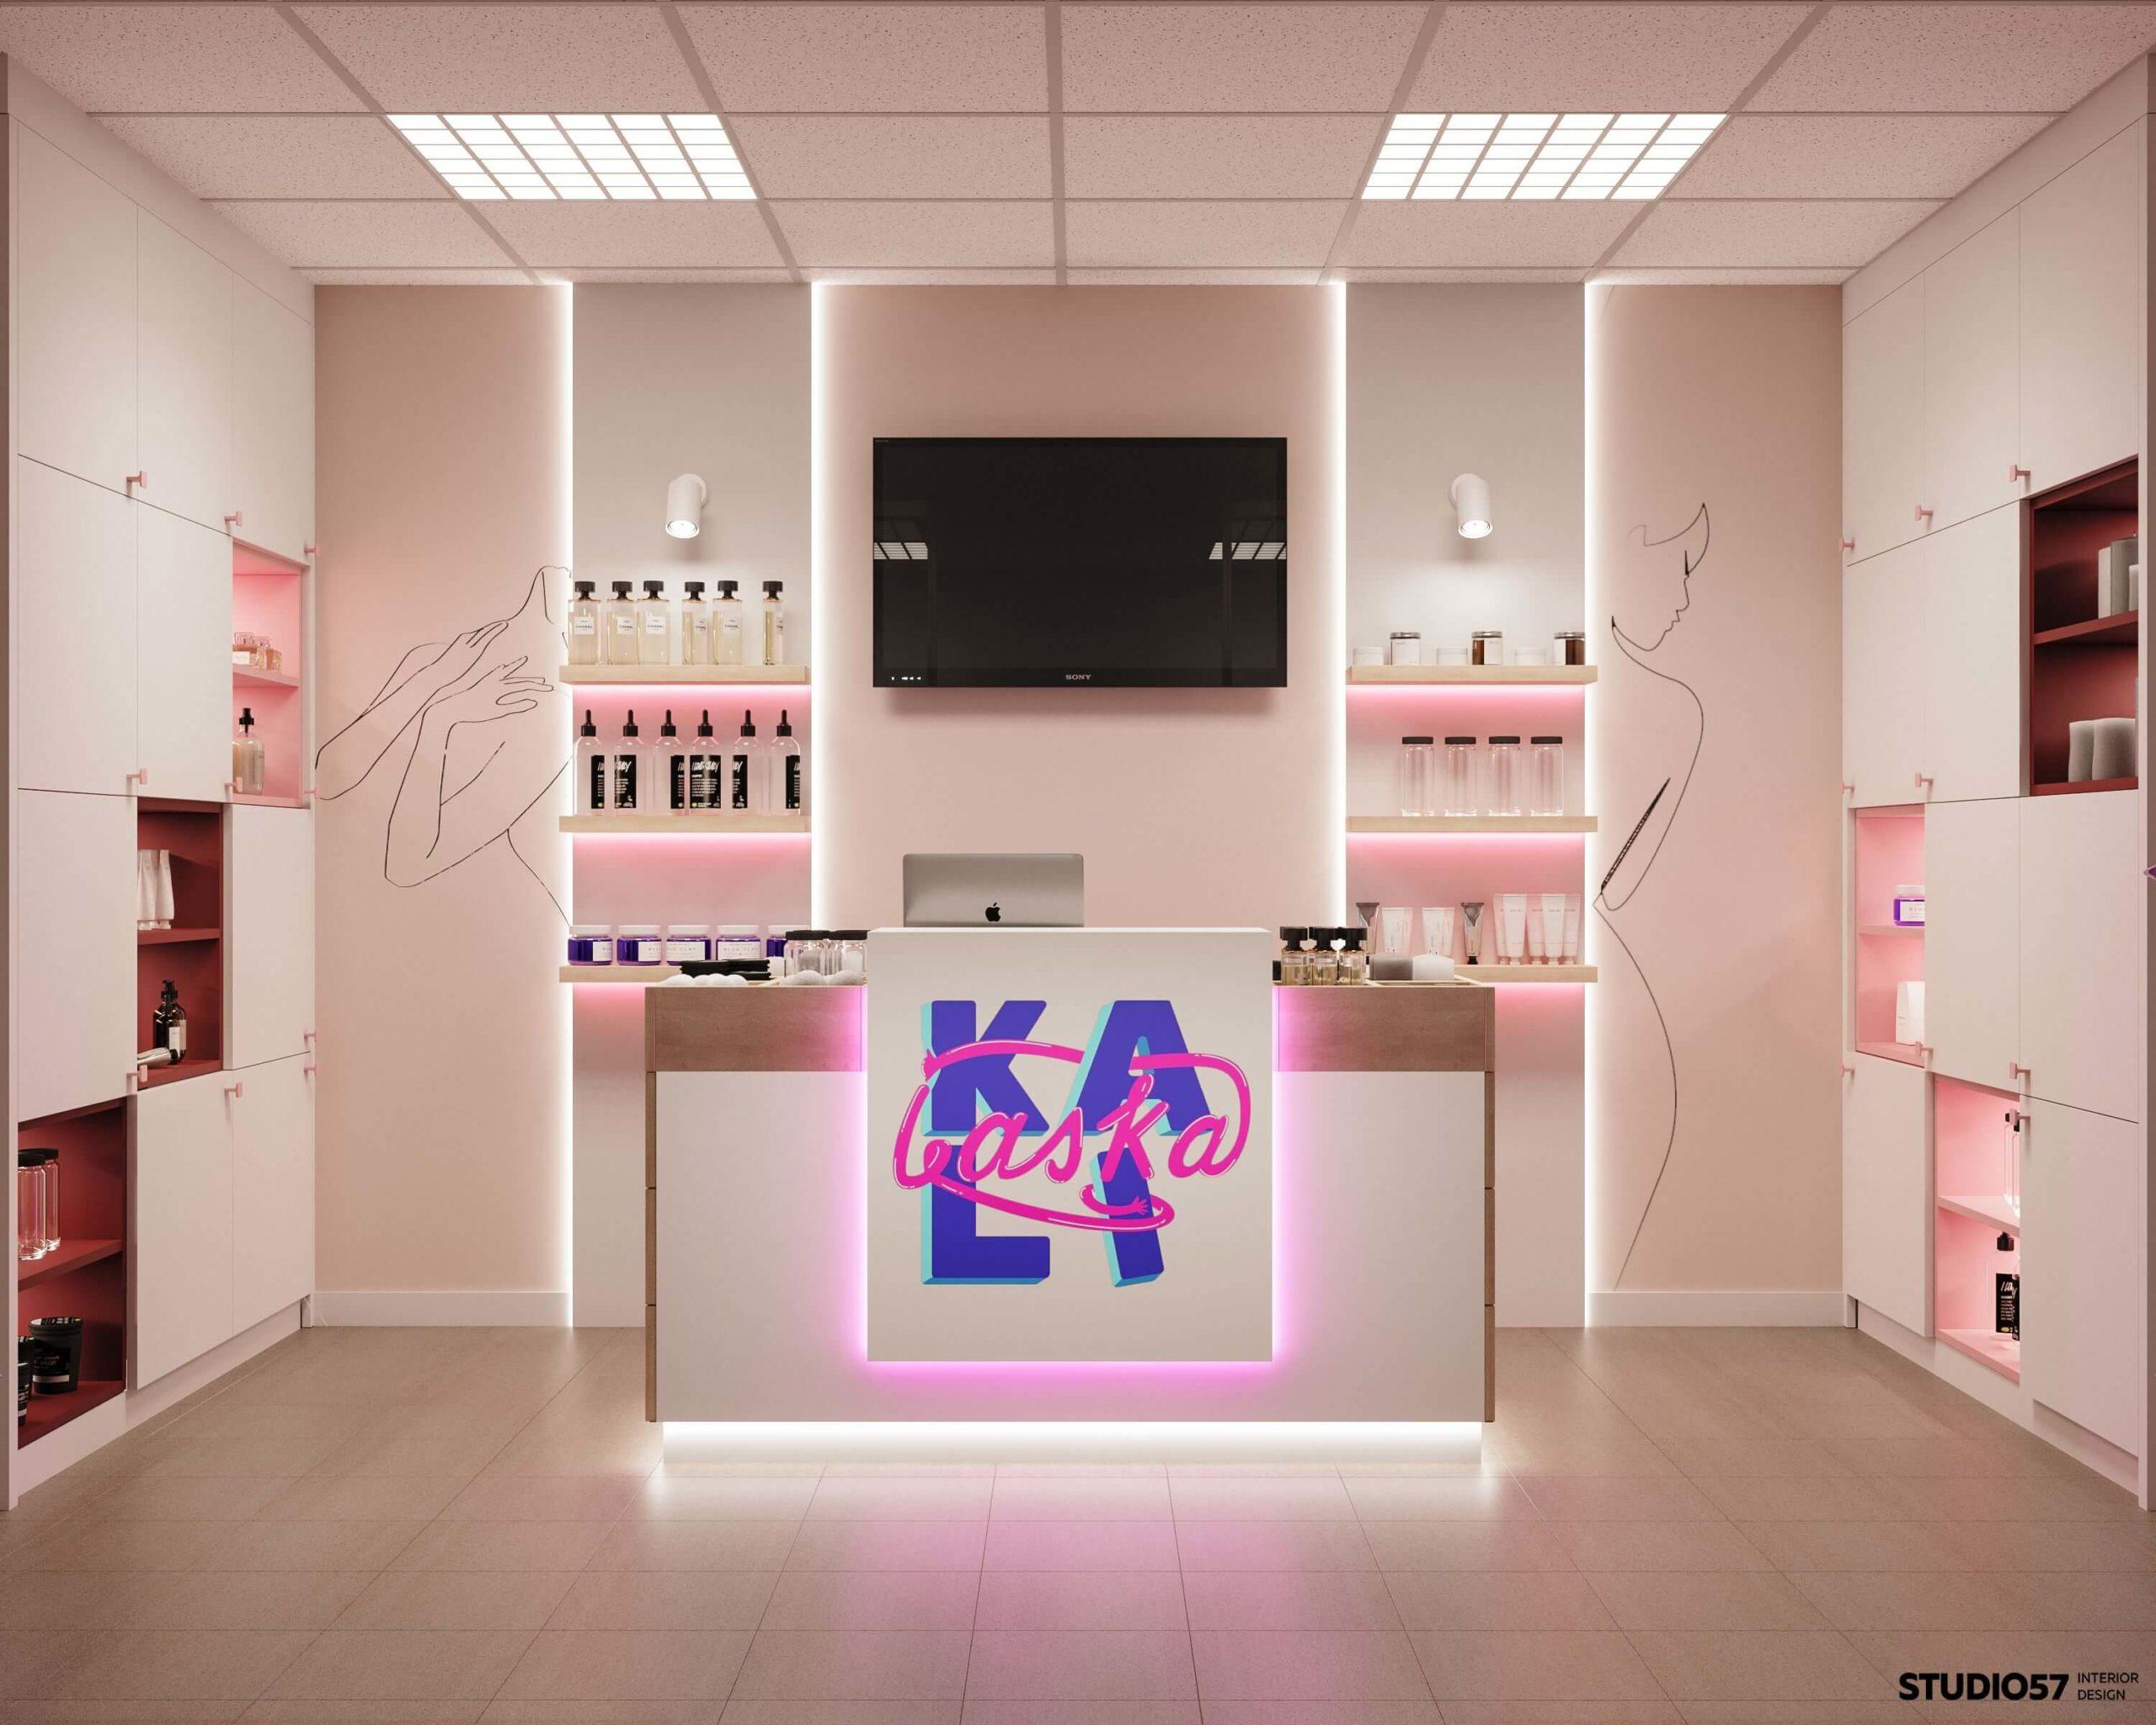 Дизайн магазина игрушек для взрослых. Вид 2.